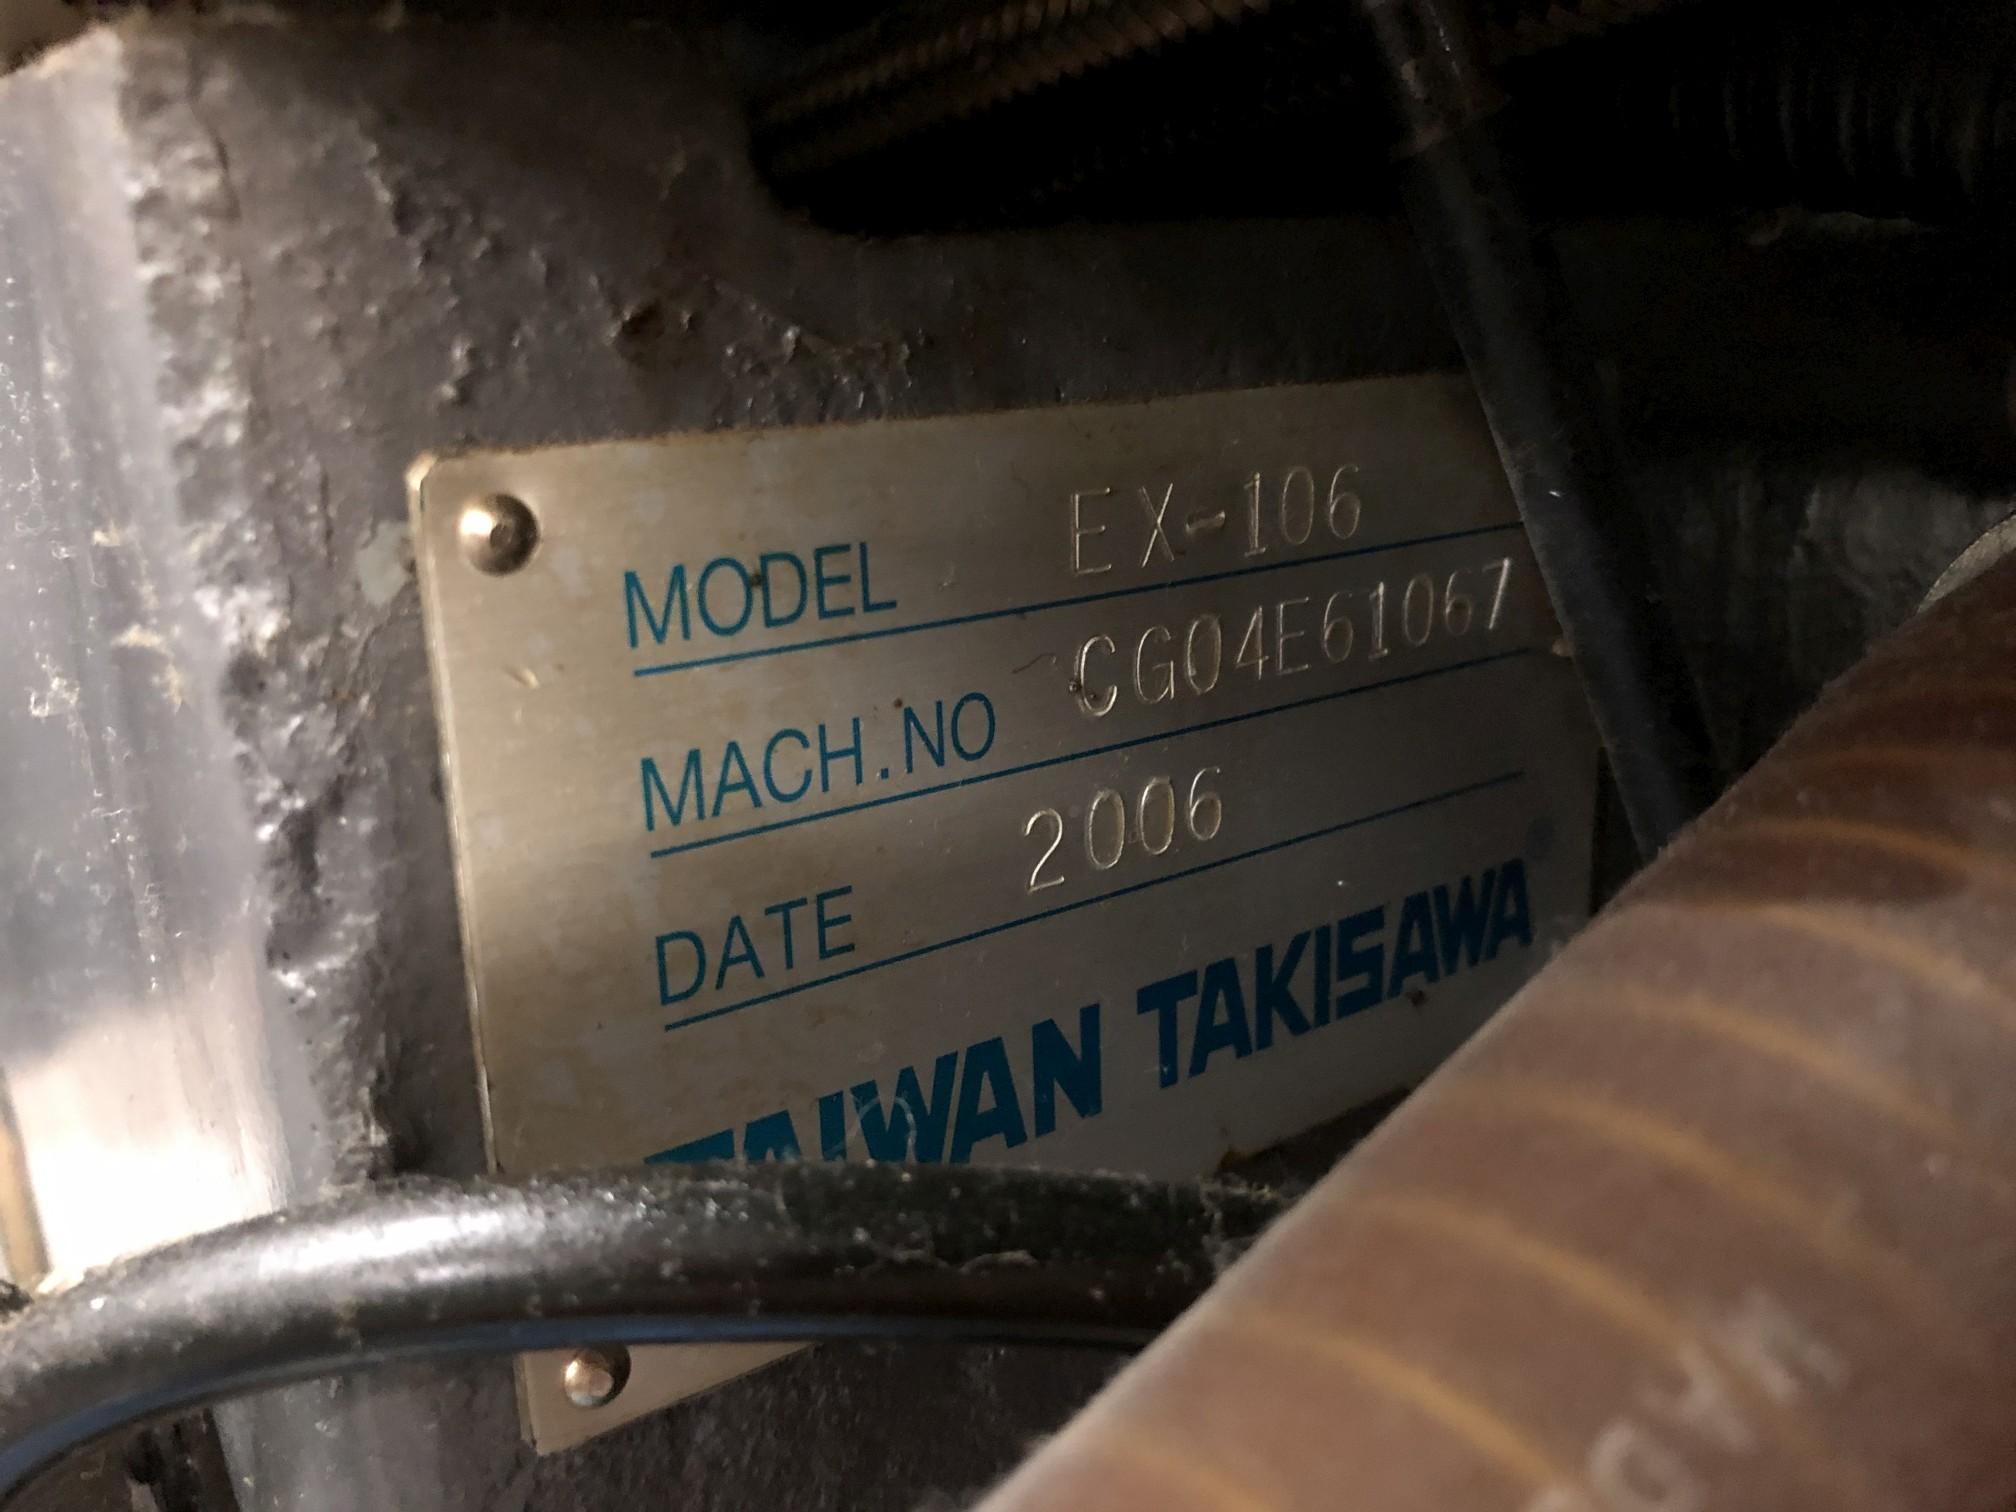 2006 Takisawa EX-106 CNC Lathe - Image 9 of 10